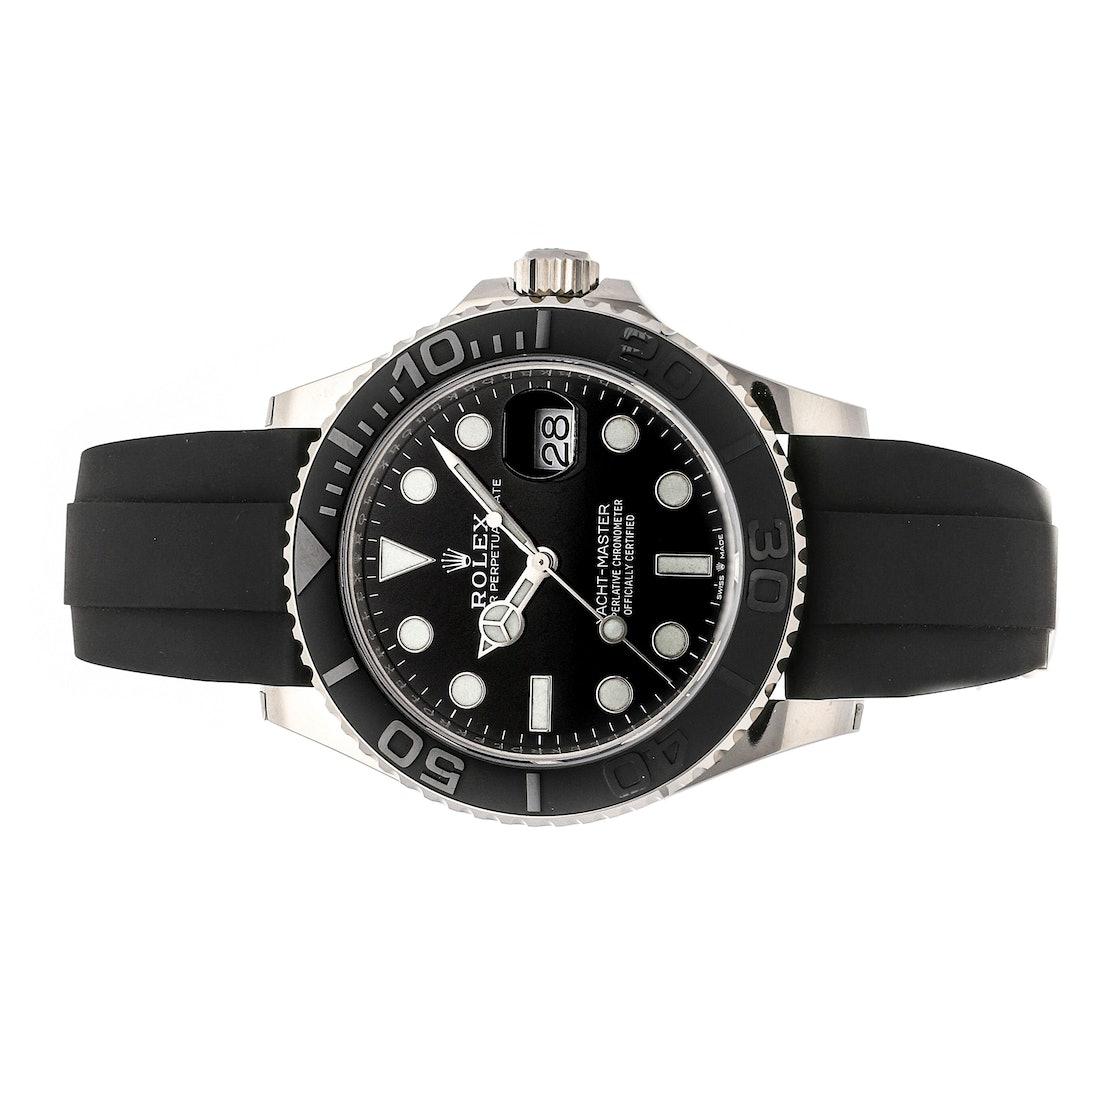 Rolex Yacht-Master 226659